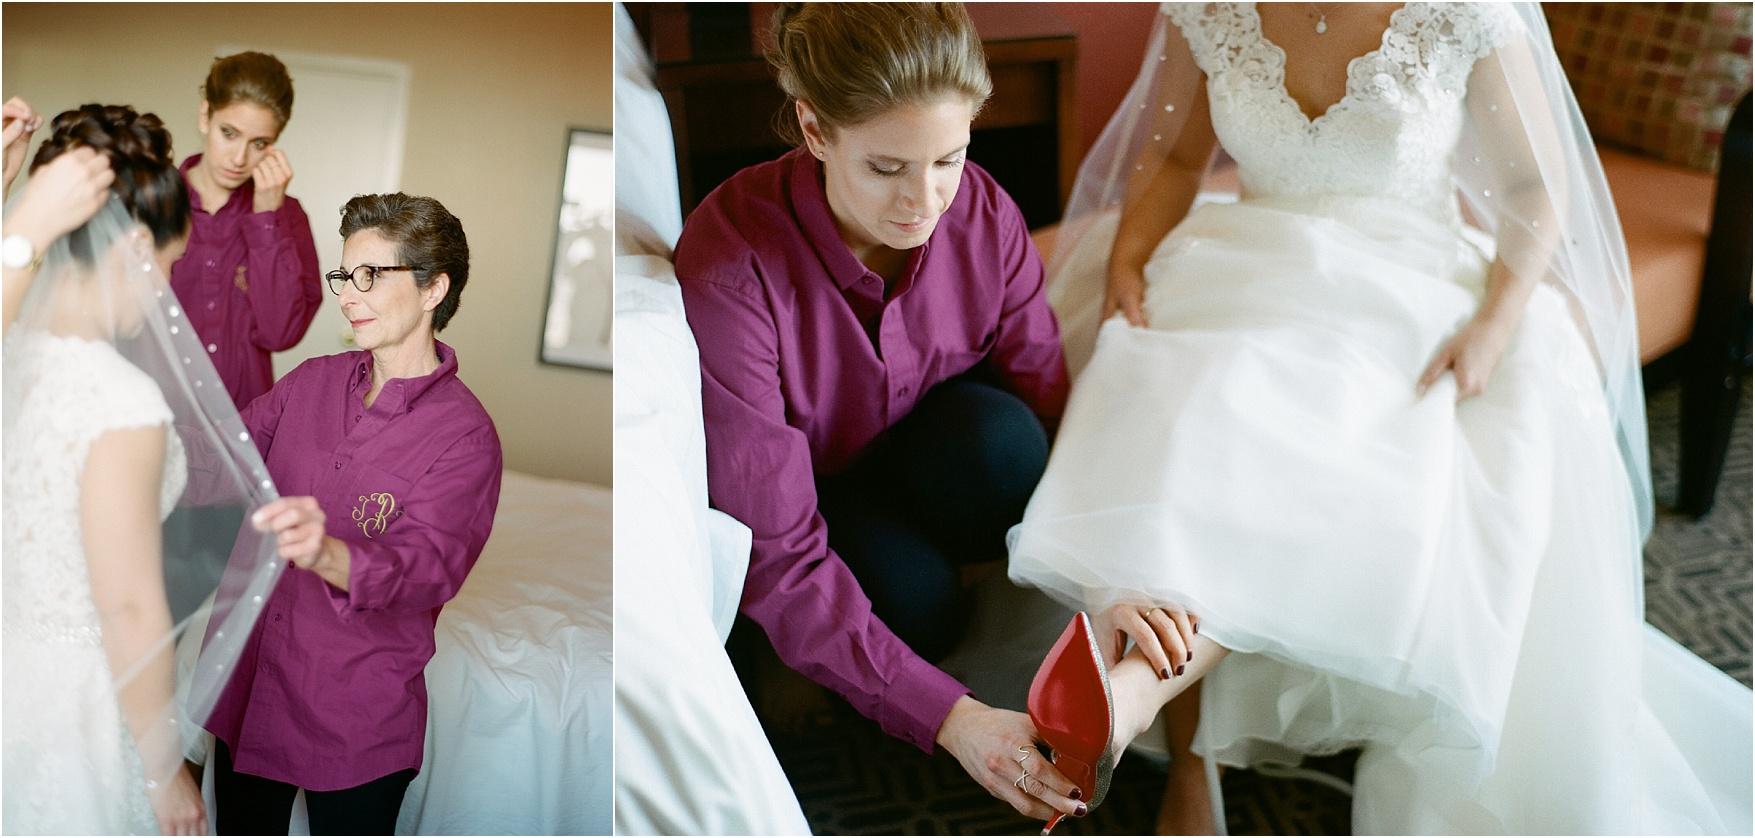 wedding photography st louis_lauren muckler photography_film photographer_film wedding_0047.jpg